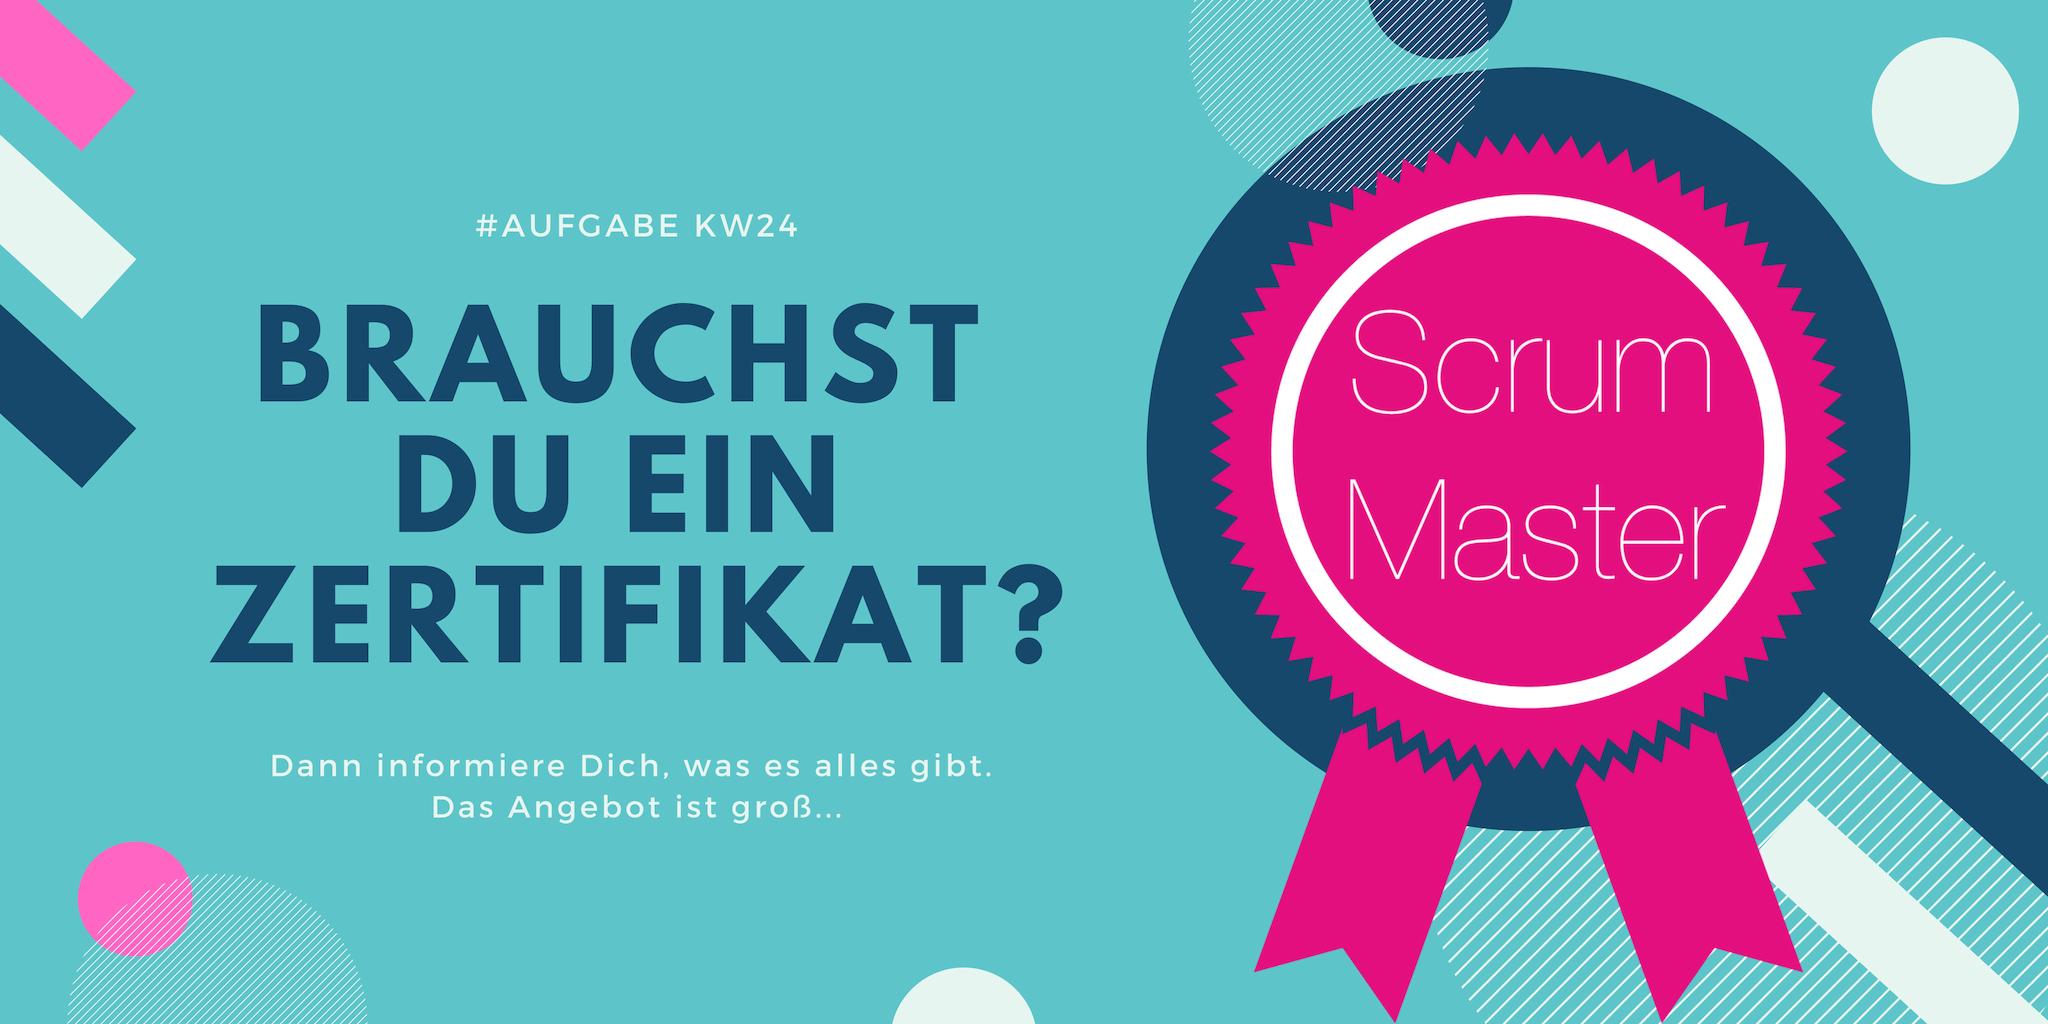 KW24 - Brauchst Du ein Zertifikat?